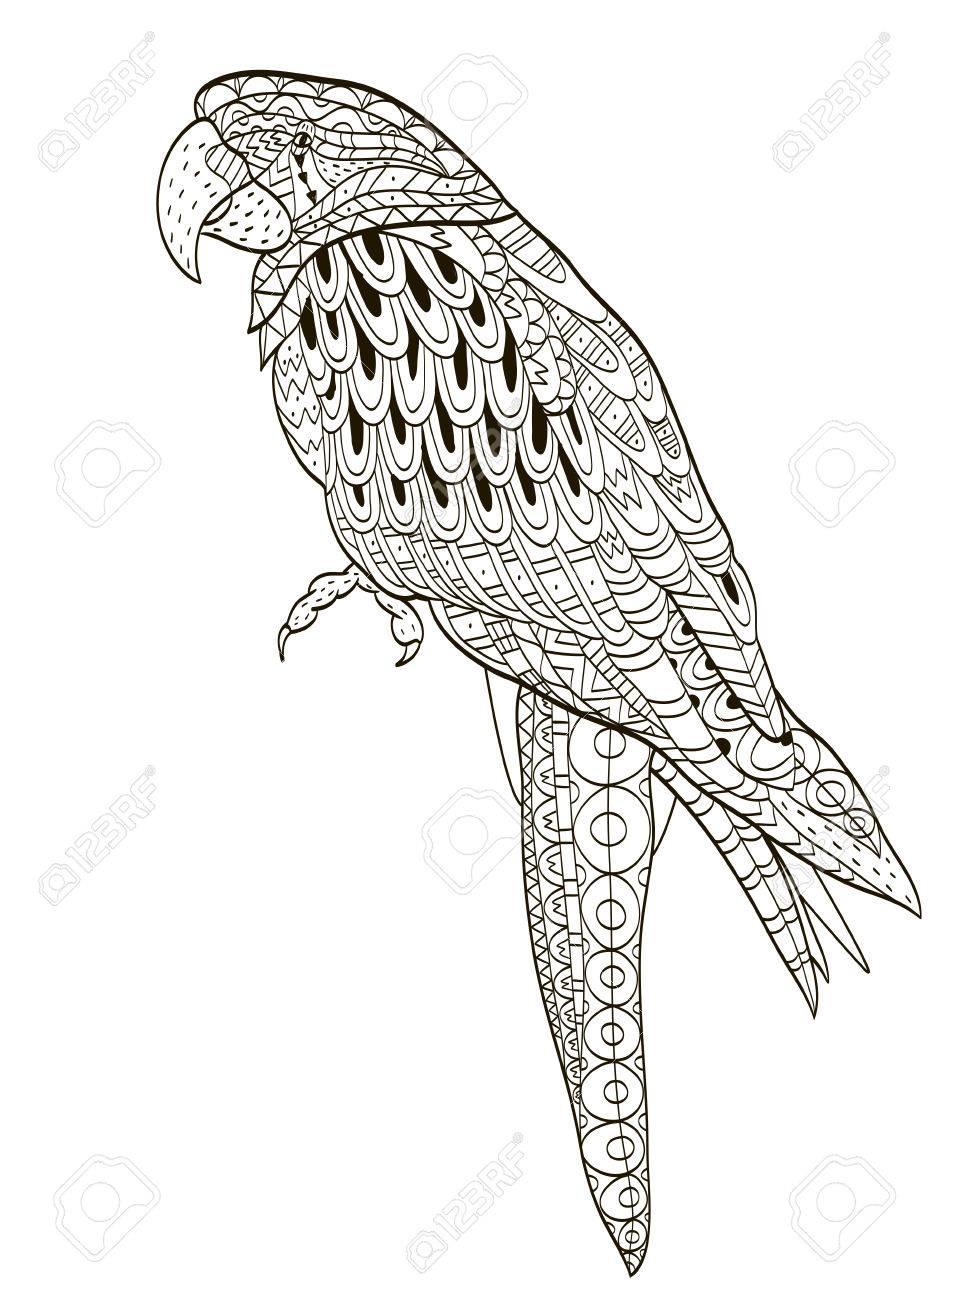 Vettoriale Pappagallo Uccello Tropicale Illustrazione Vettoriale